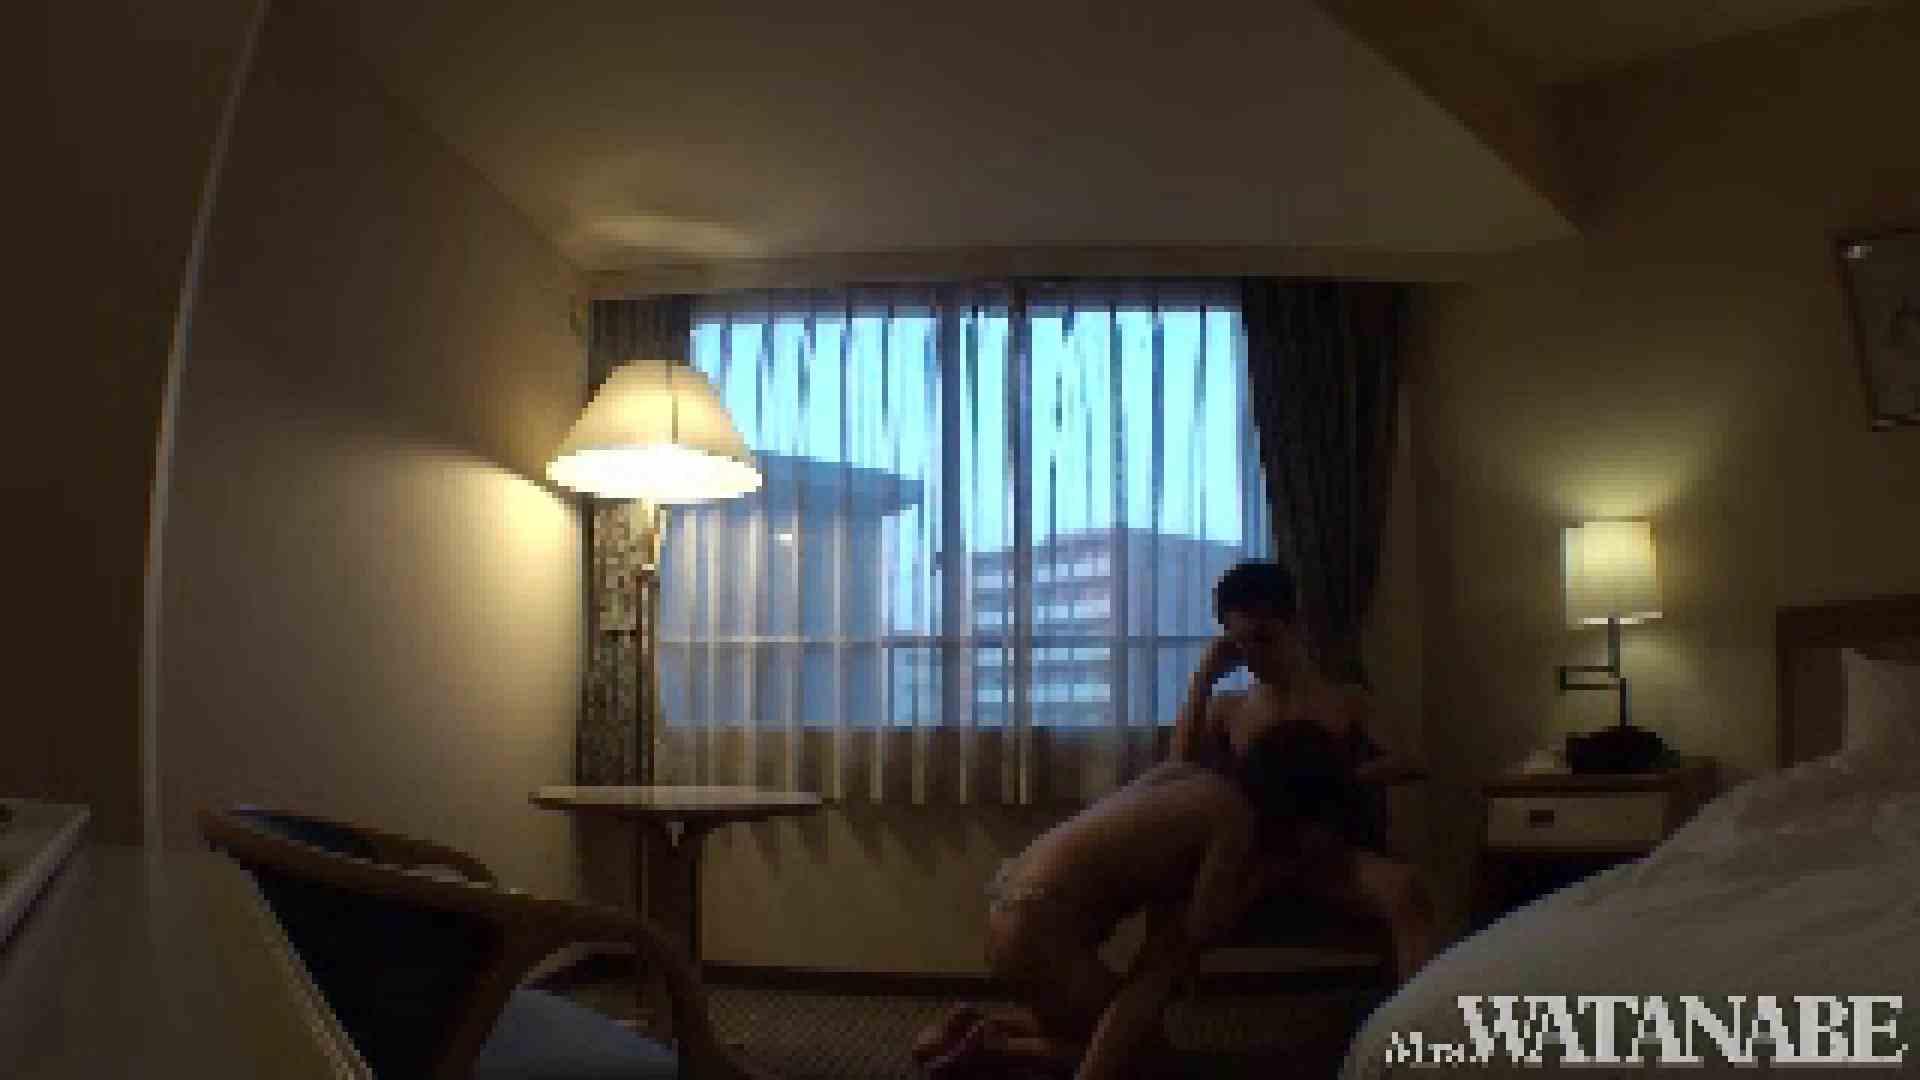 撮影スタッフを誘惑する痴熟女 かおり40歳 Vol.04 独身エッチOL | 熟女の女体  89pic 5